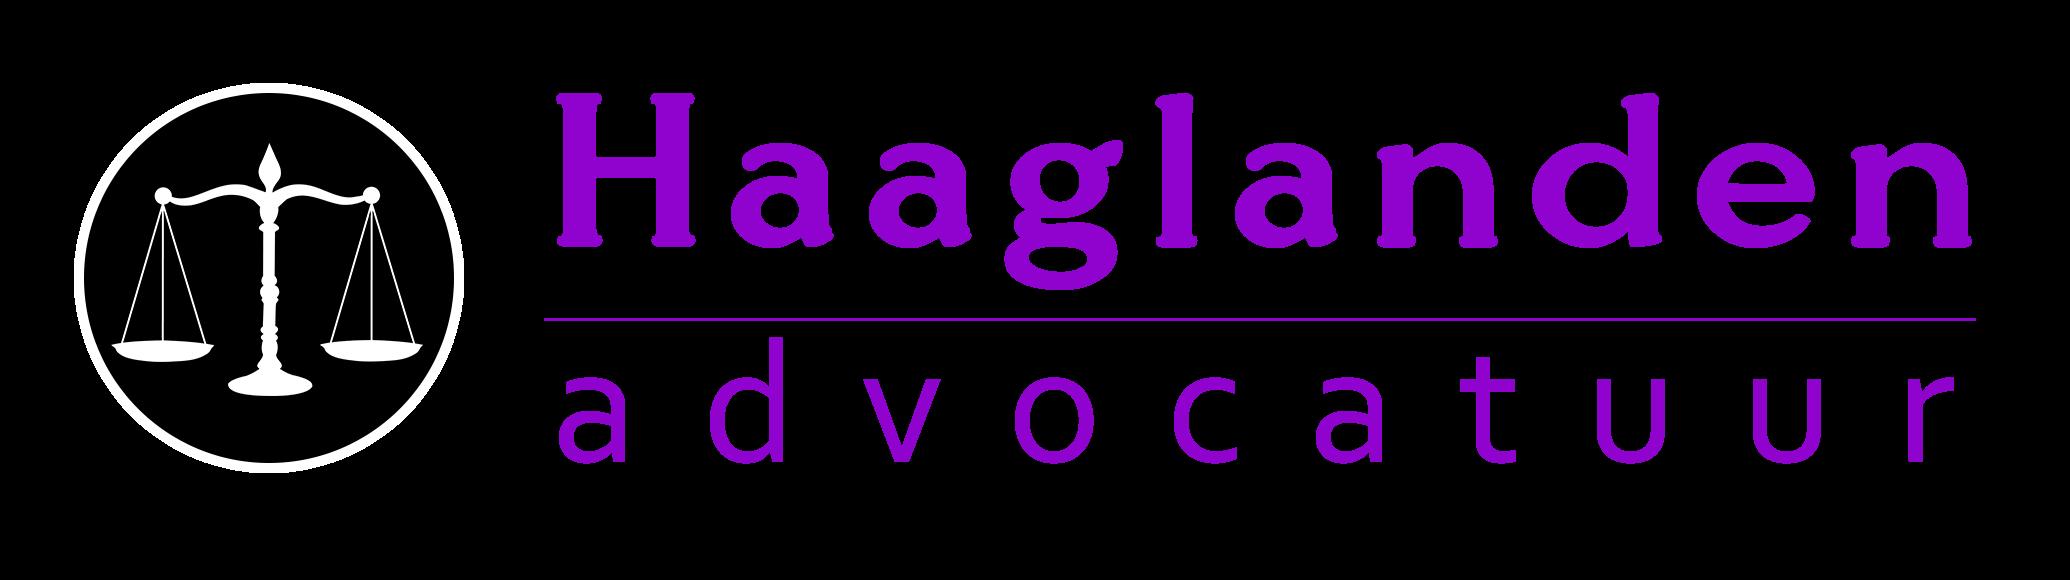 Haaglanden Advocatuur